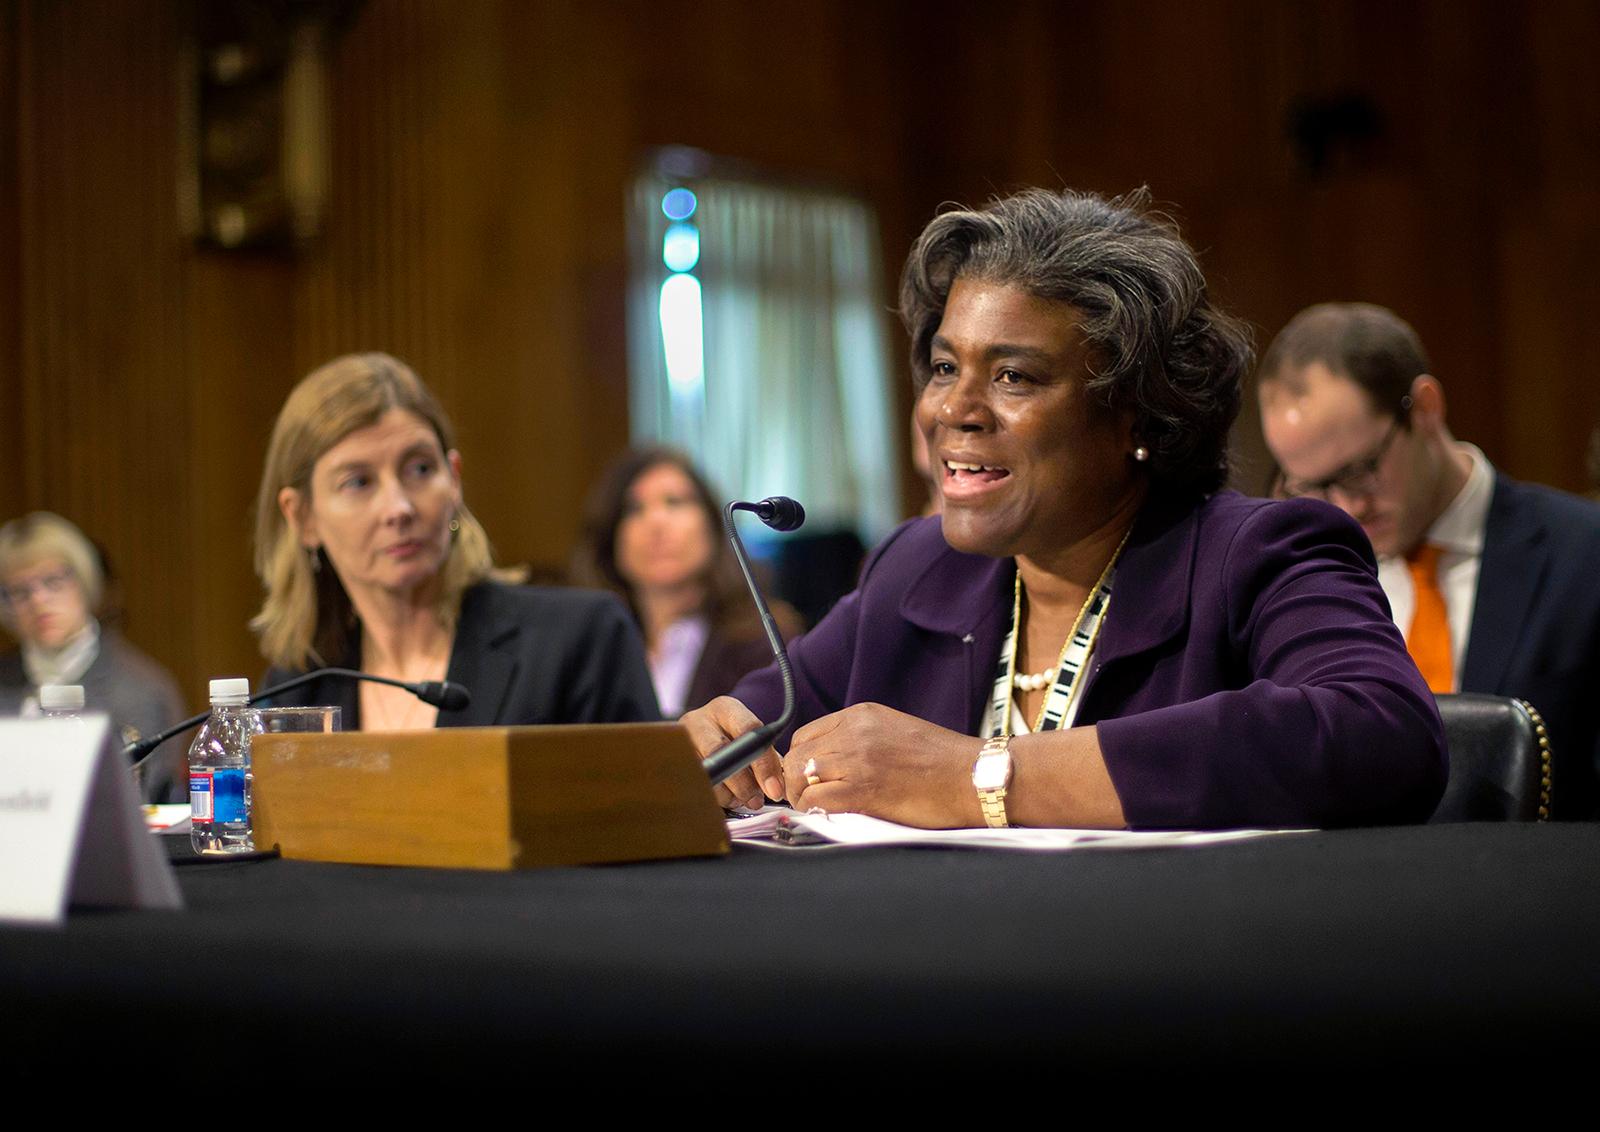 Linda Thomas-Greenfield en train de parler devant un microphone, dans une salle d'audience du Congrès (© AP Images)